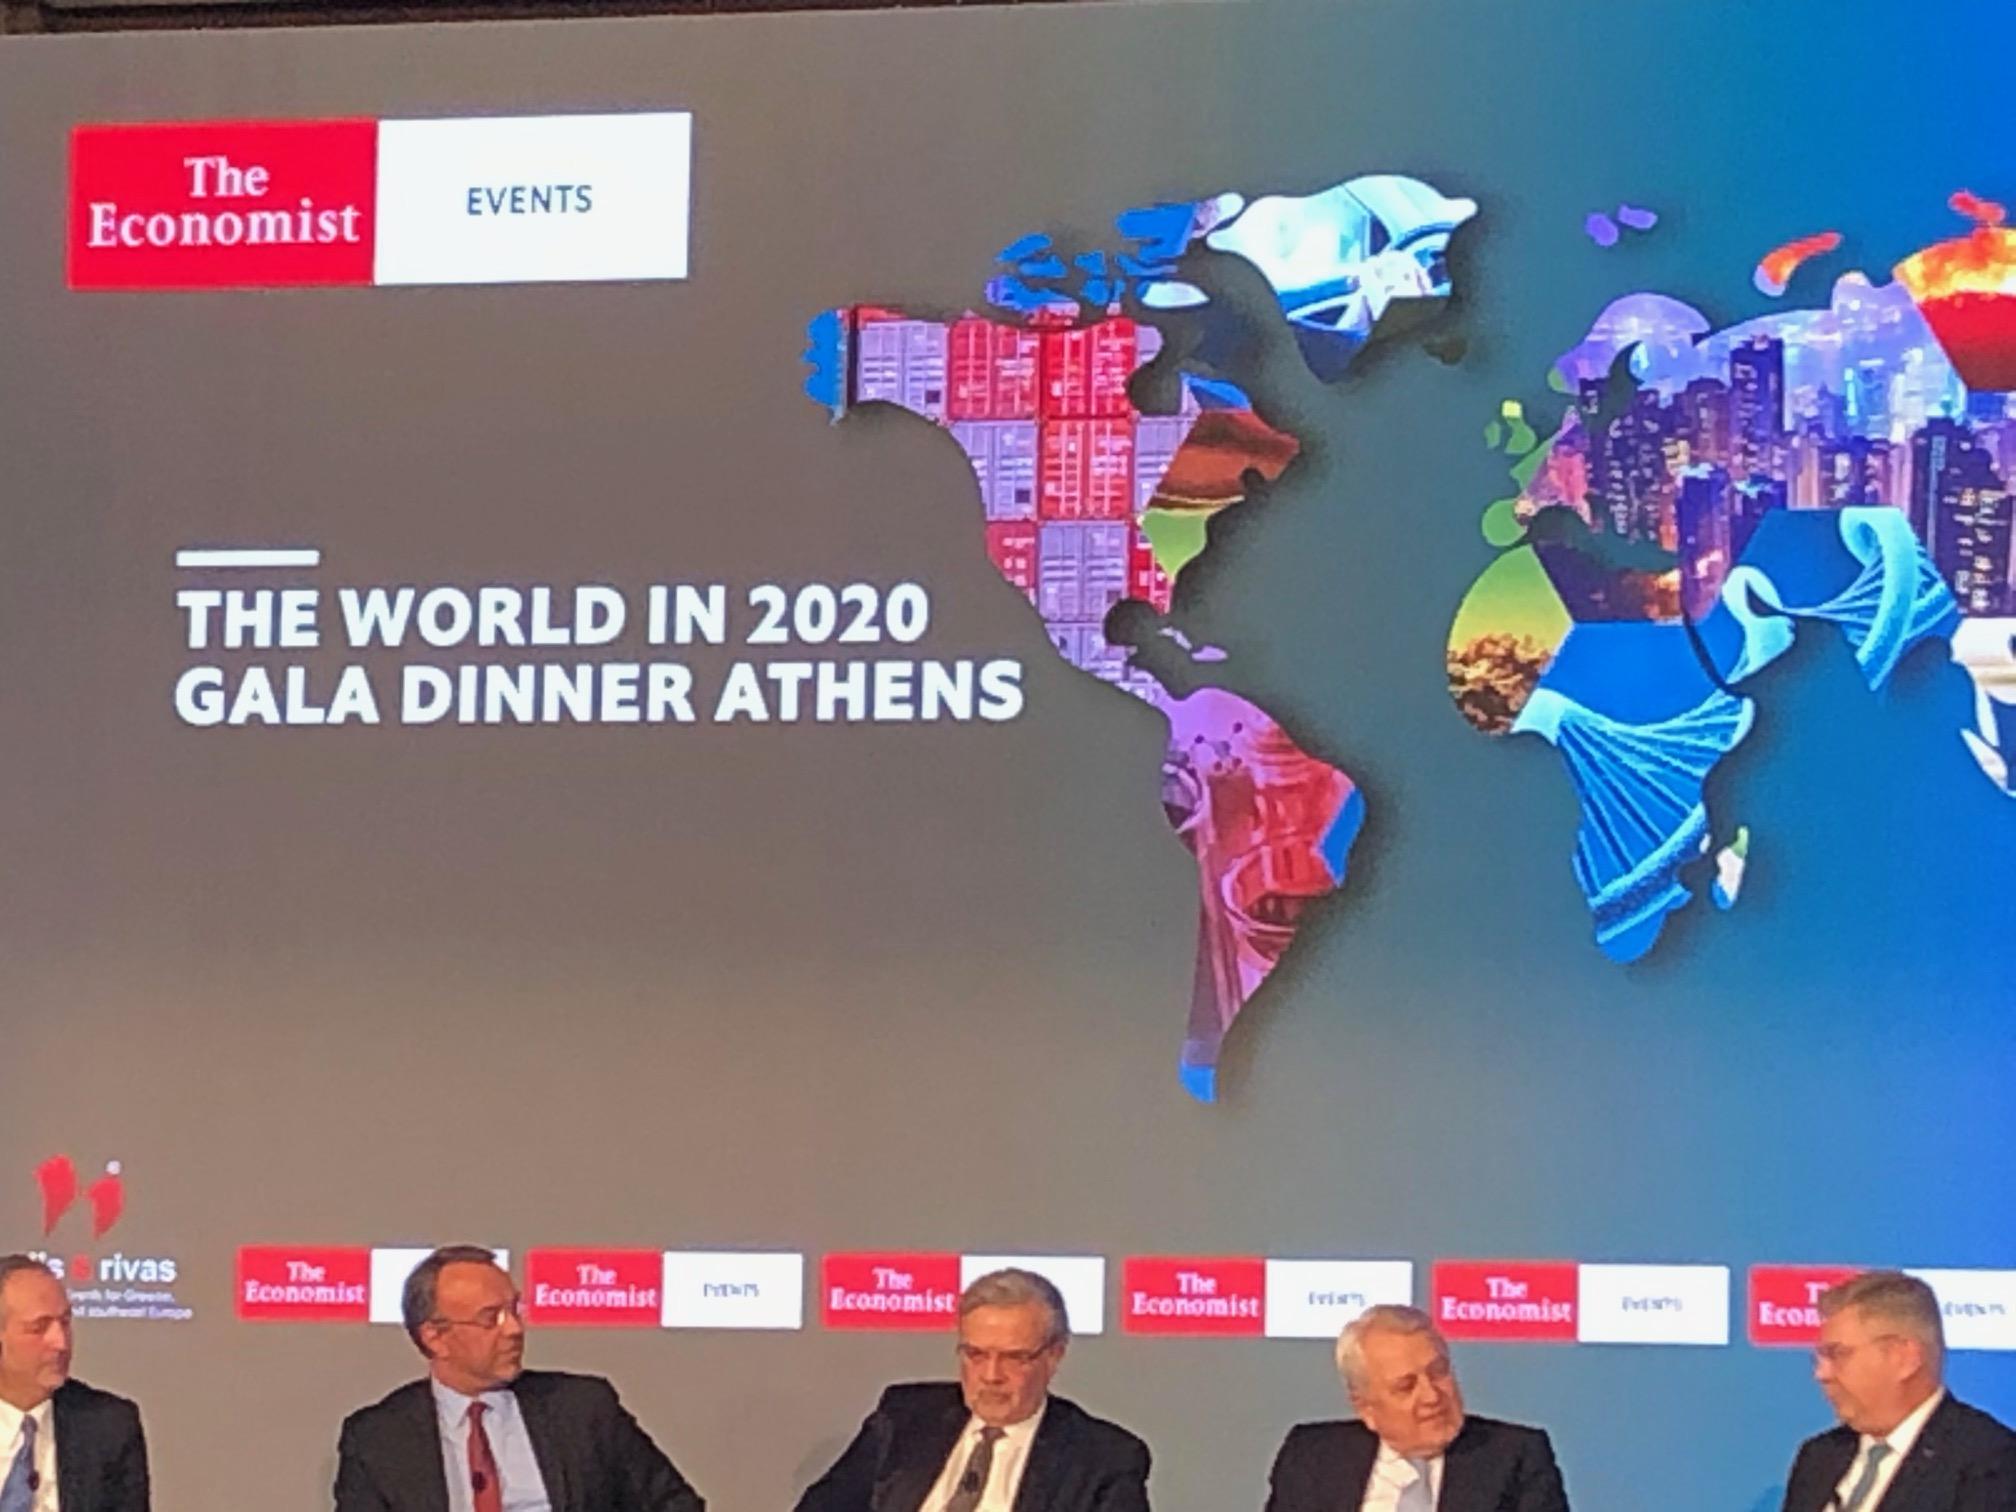 Αποτέλεσμα εικόνας για economist gala dinner athens, σταϊκούρας